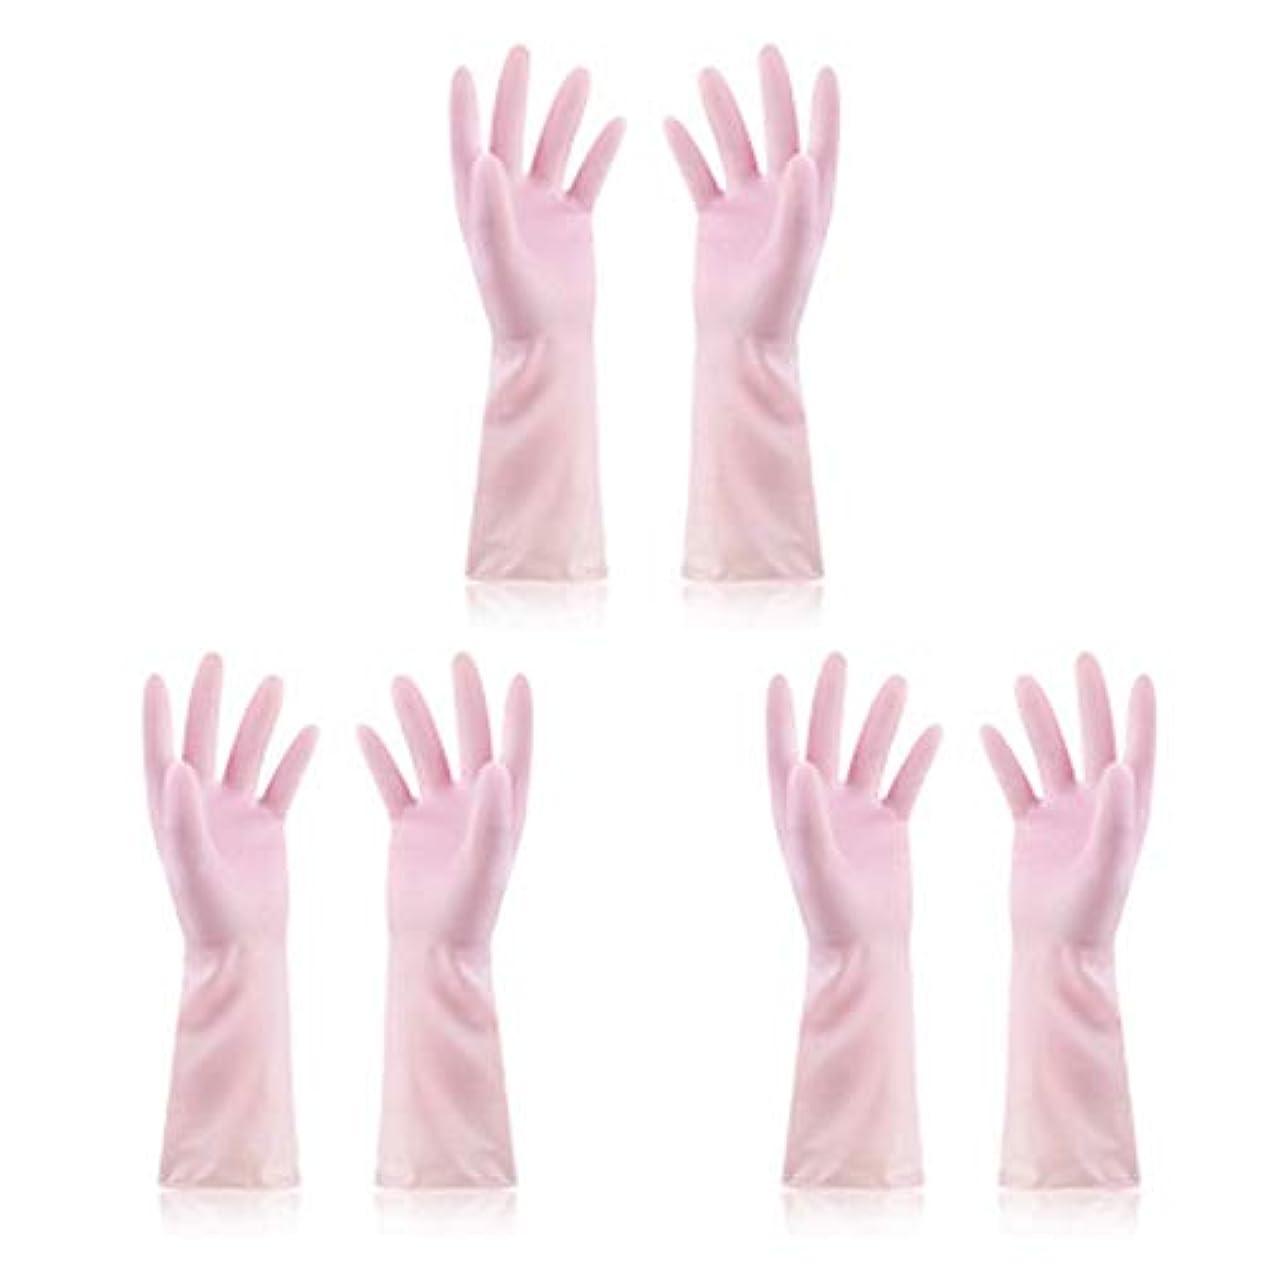 オフェンス形容詞冷淡なニトリルゴム手袋 使い捨て手袋防水ラテックス焦げ付き防止ゴム製ゴム製台所手袋、3組 使い捨て手袋 (Color : Pink, Size : M)